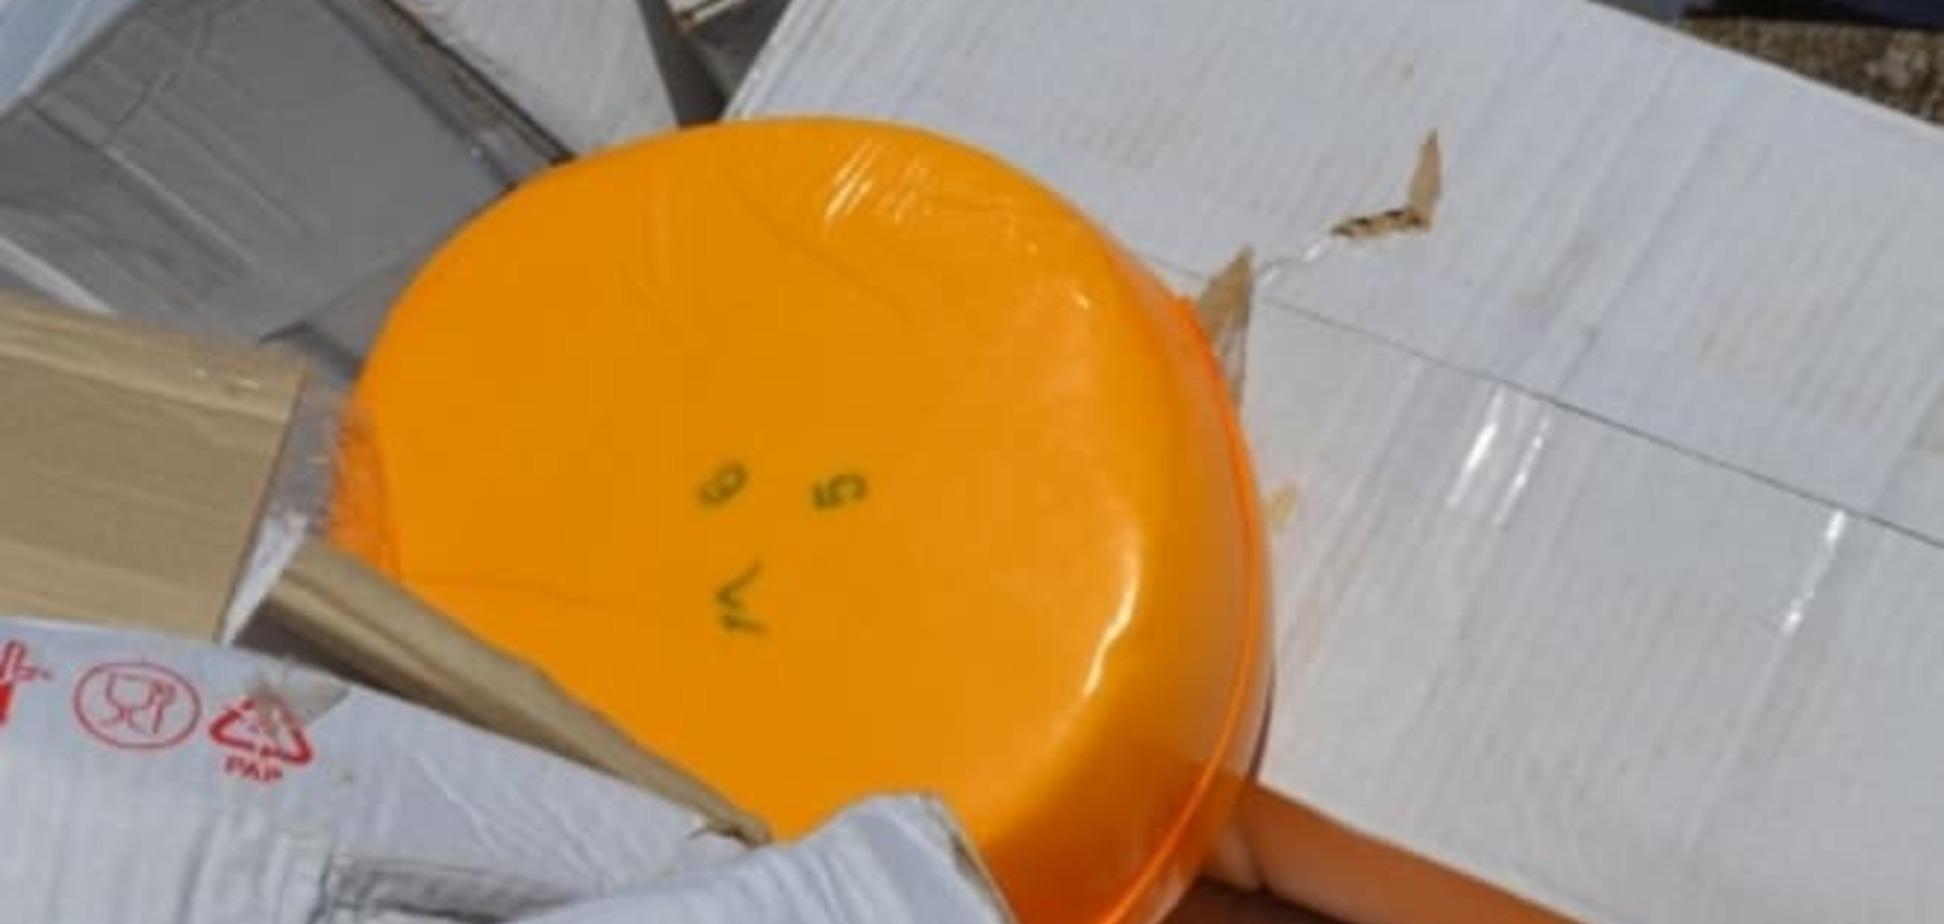 Сыр под прикрытием: в России уничтожили свои же продукты